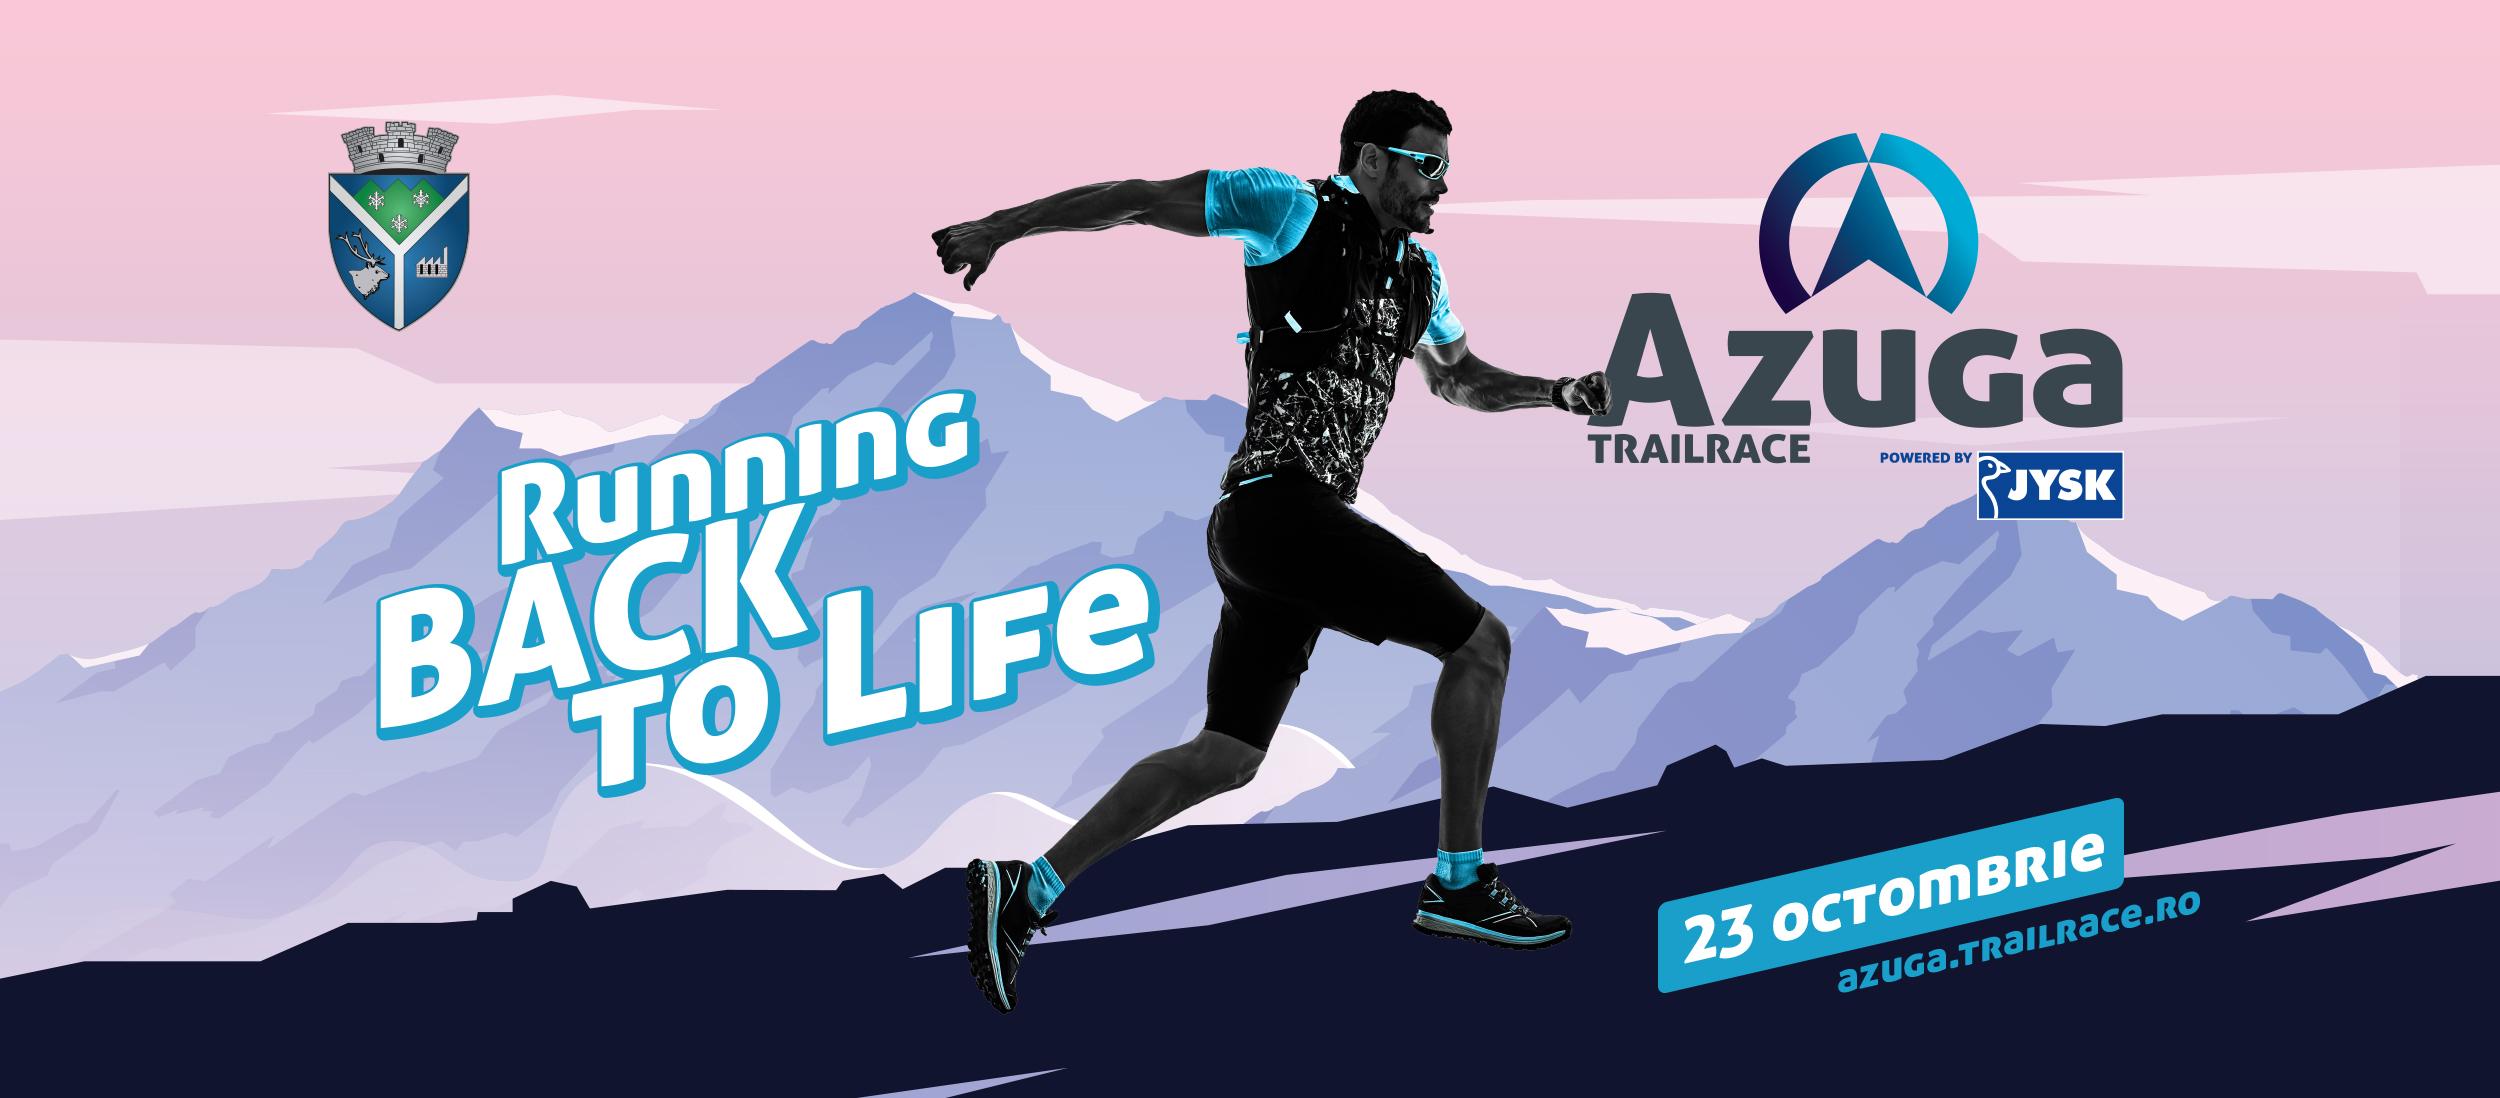 Alergare la Azuga, după 7 ani de pauză